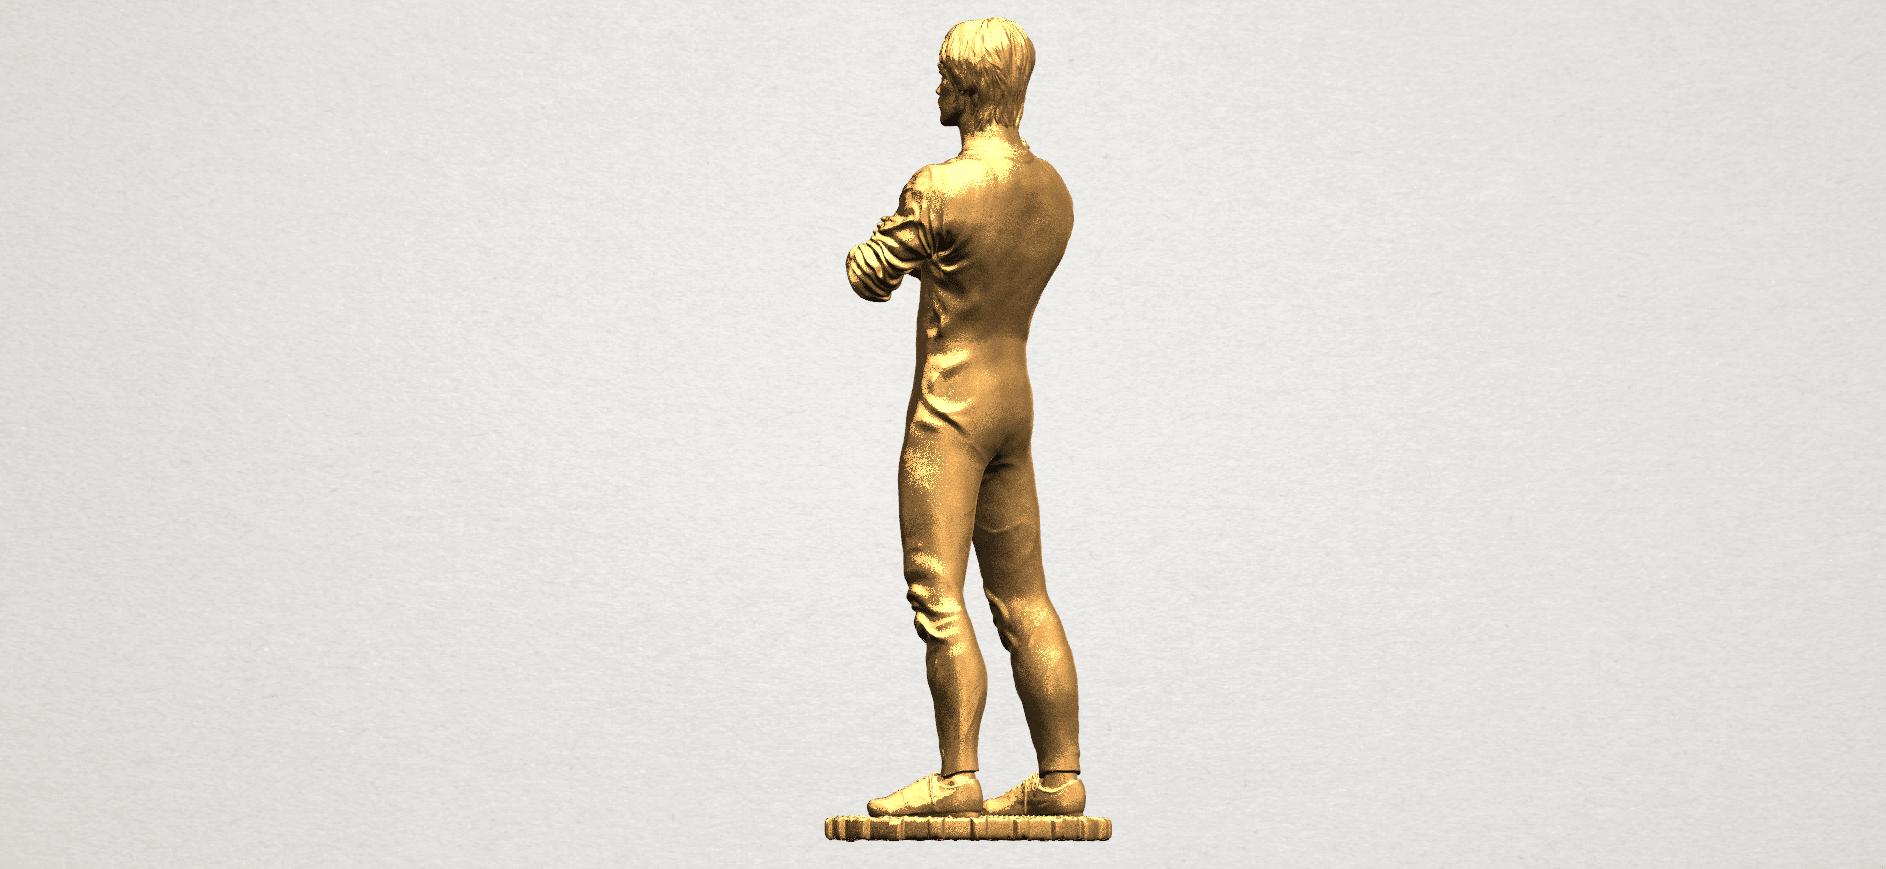 Bruce Lee A04.png Télécharger fichier STL gratuit Bruce Lee • Design à imprimer en 3D, GeorgesNikkei